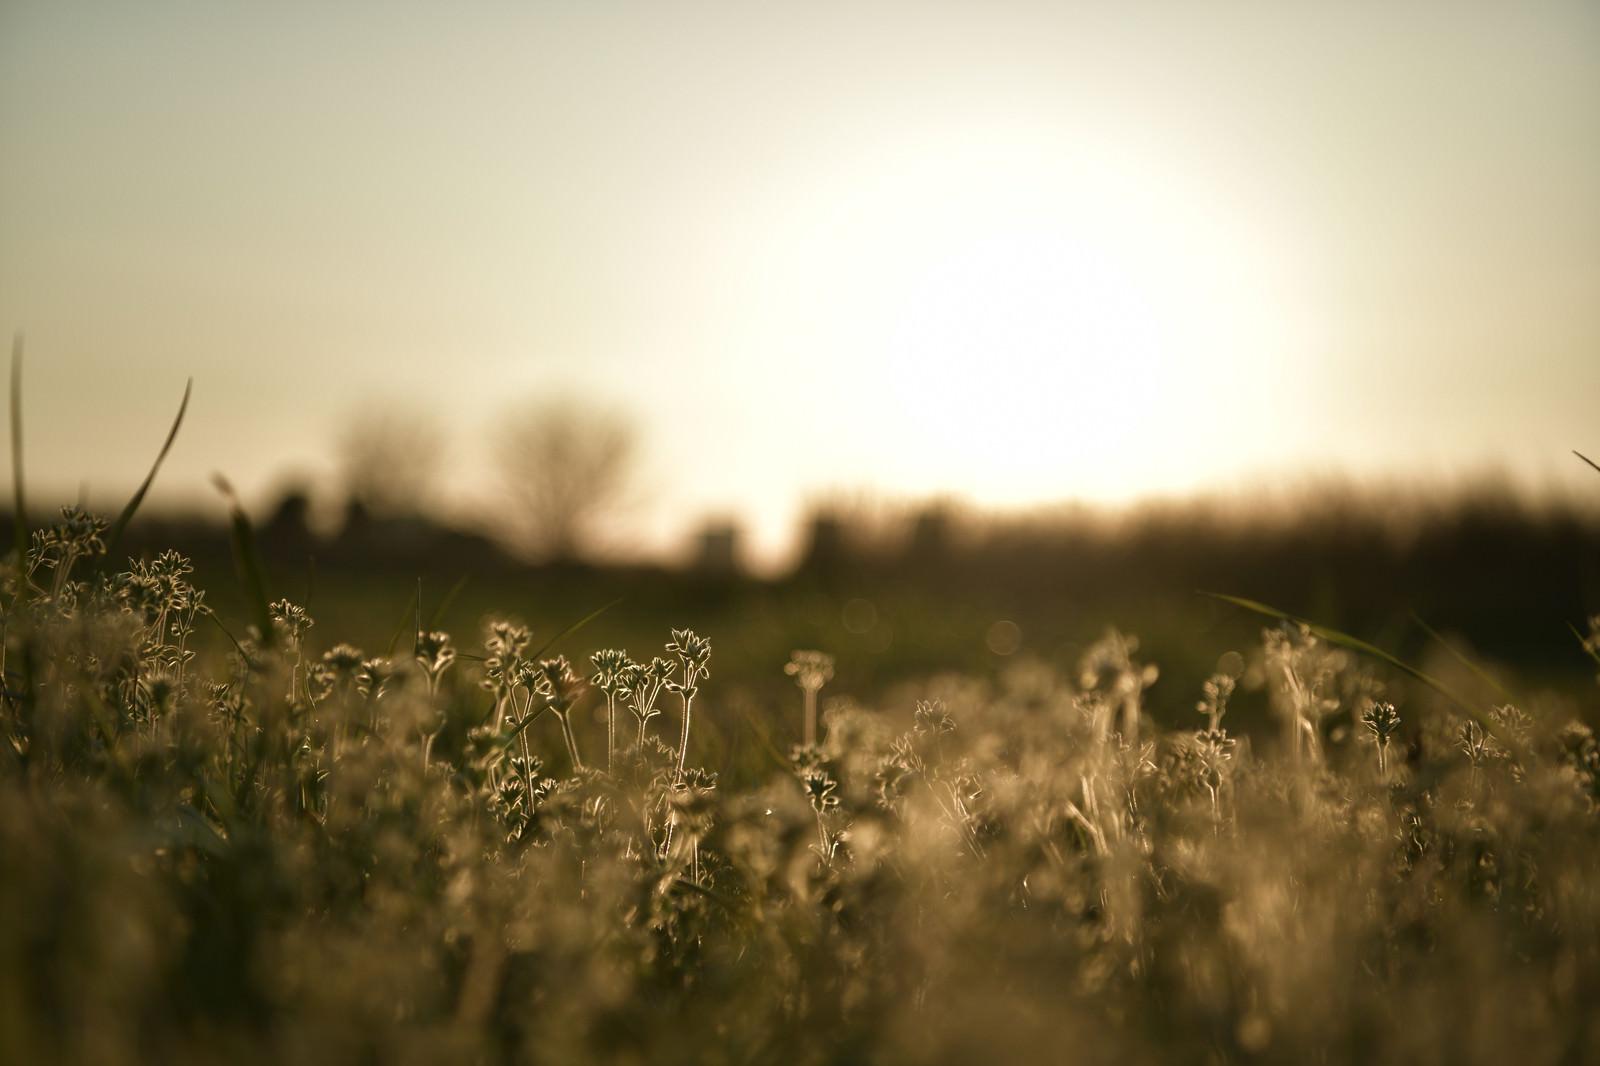 「ドラマチックな夕日と足元の雑草」の写真